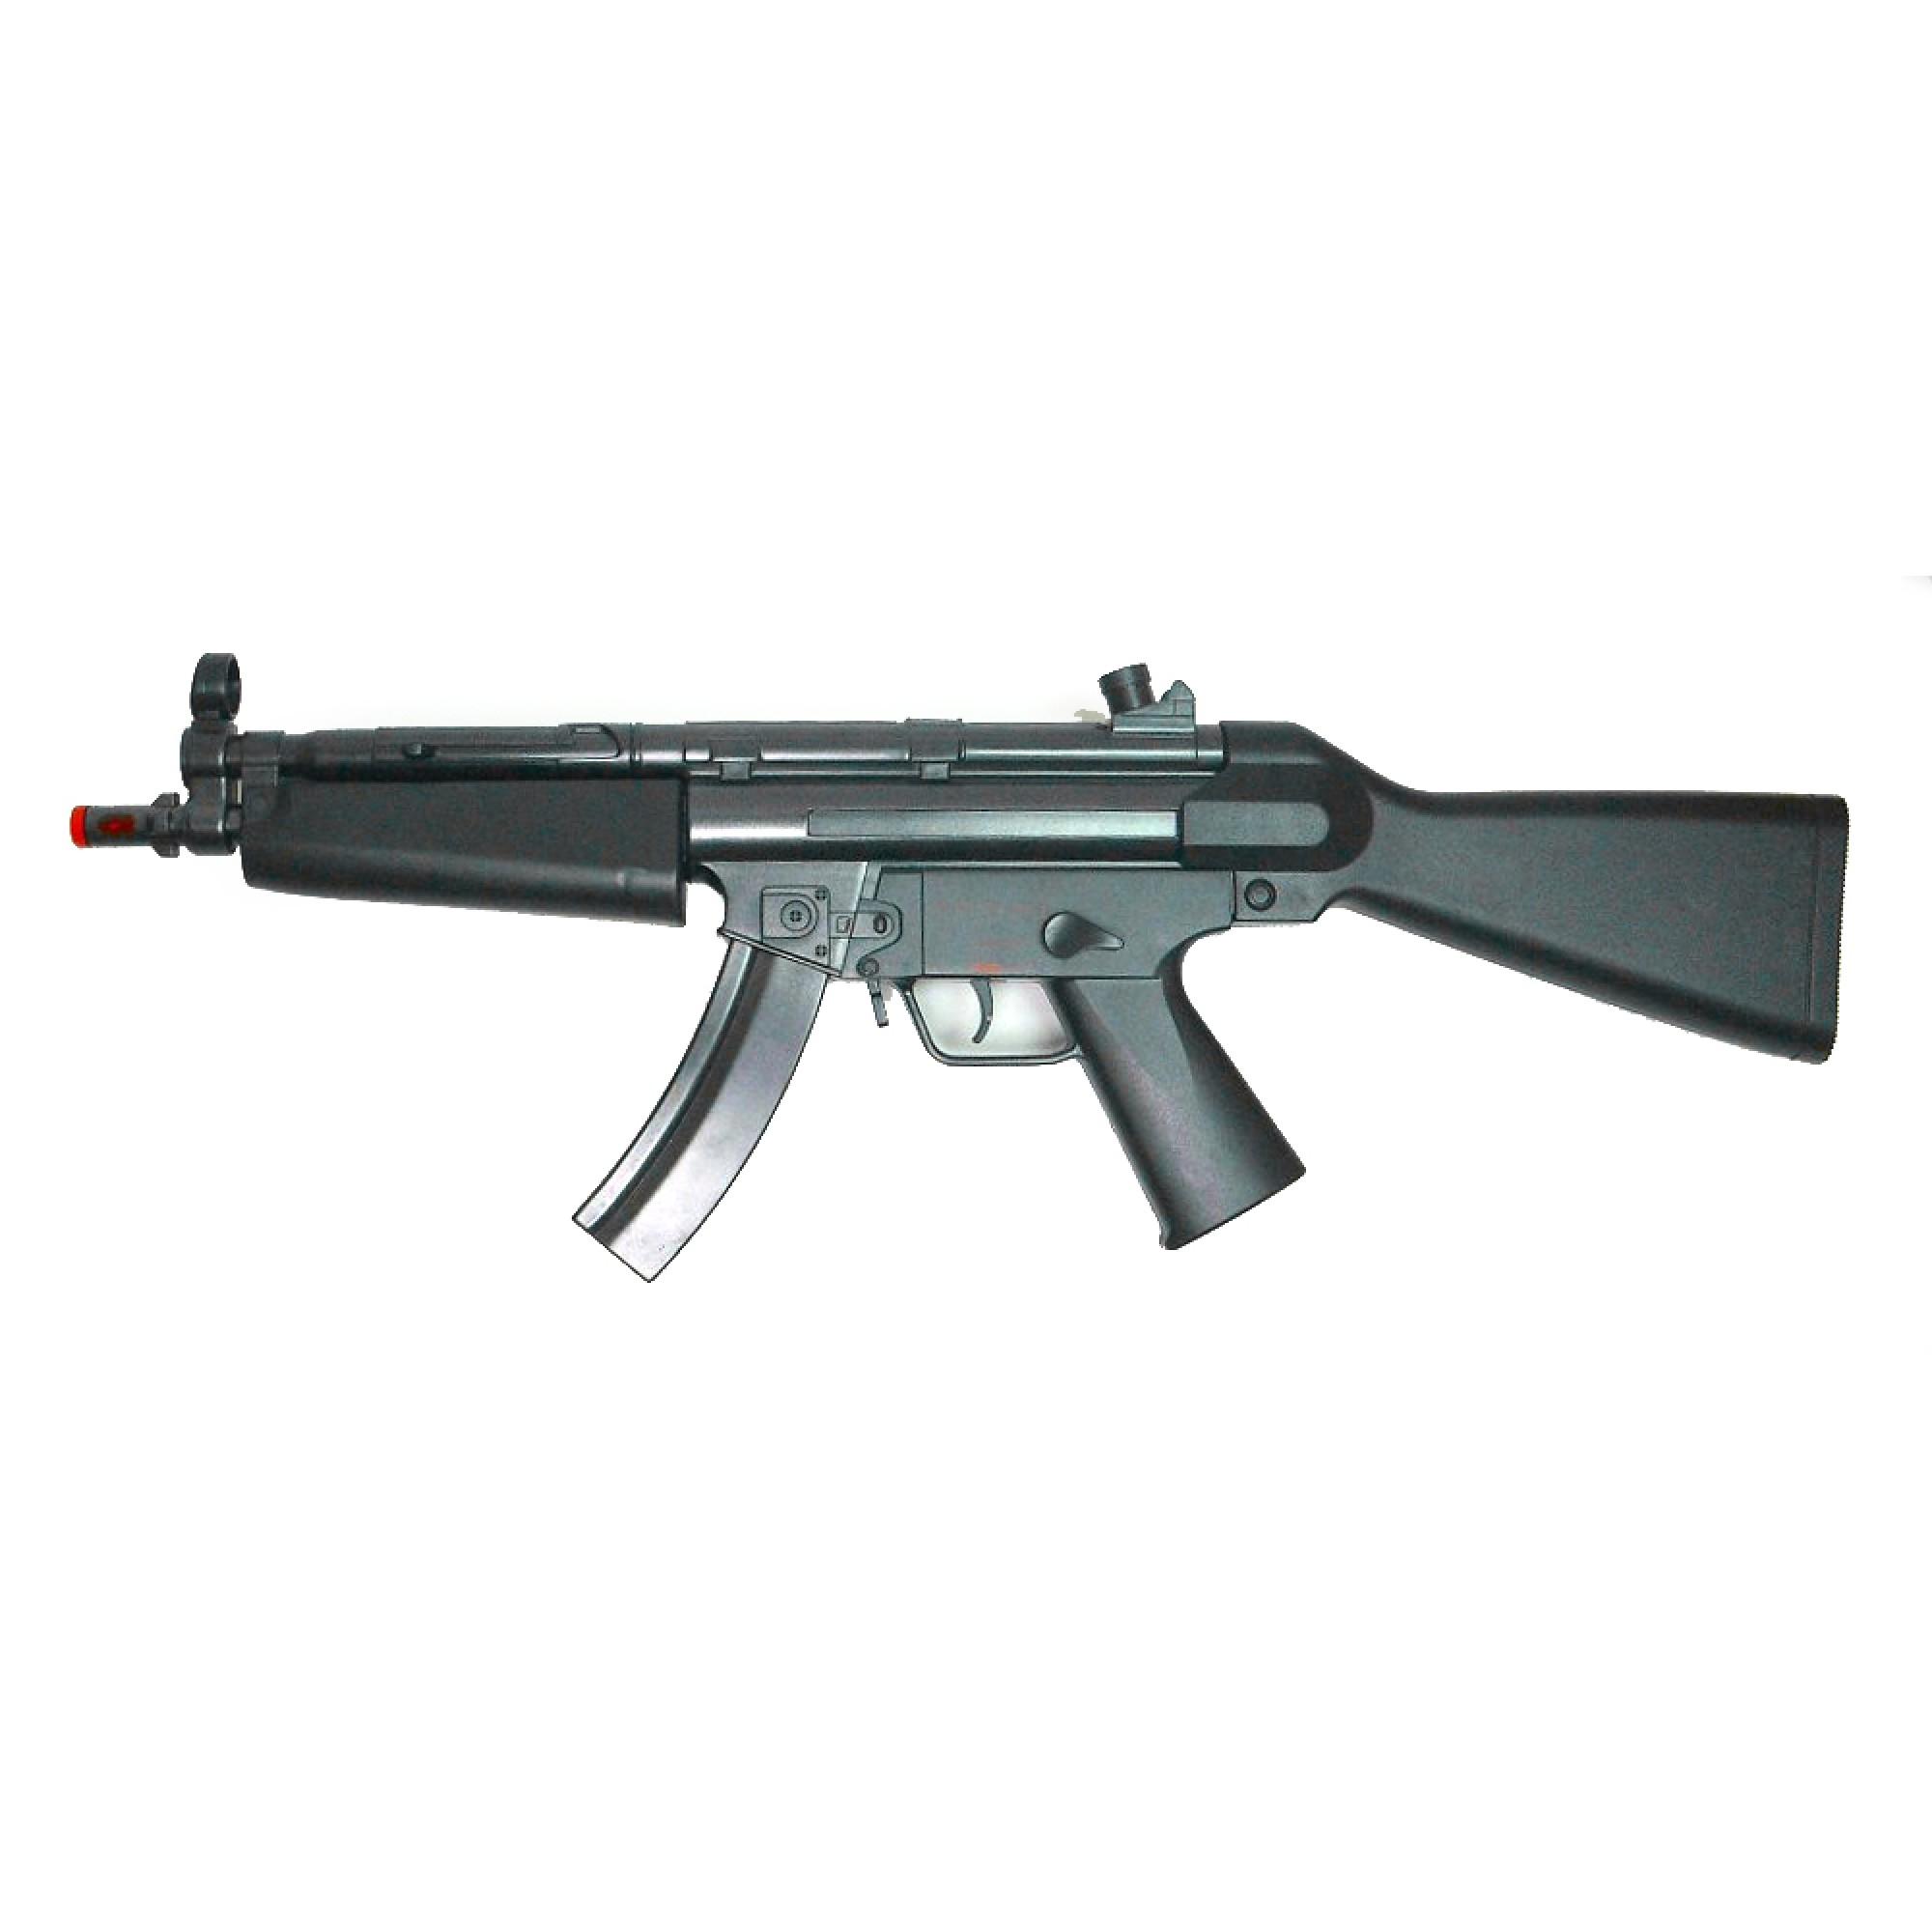 MP5 A4 W/Light, Sound & Vibration